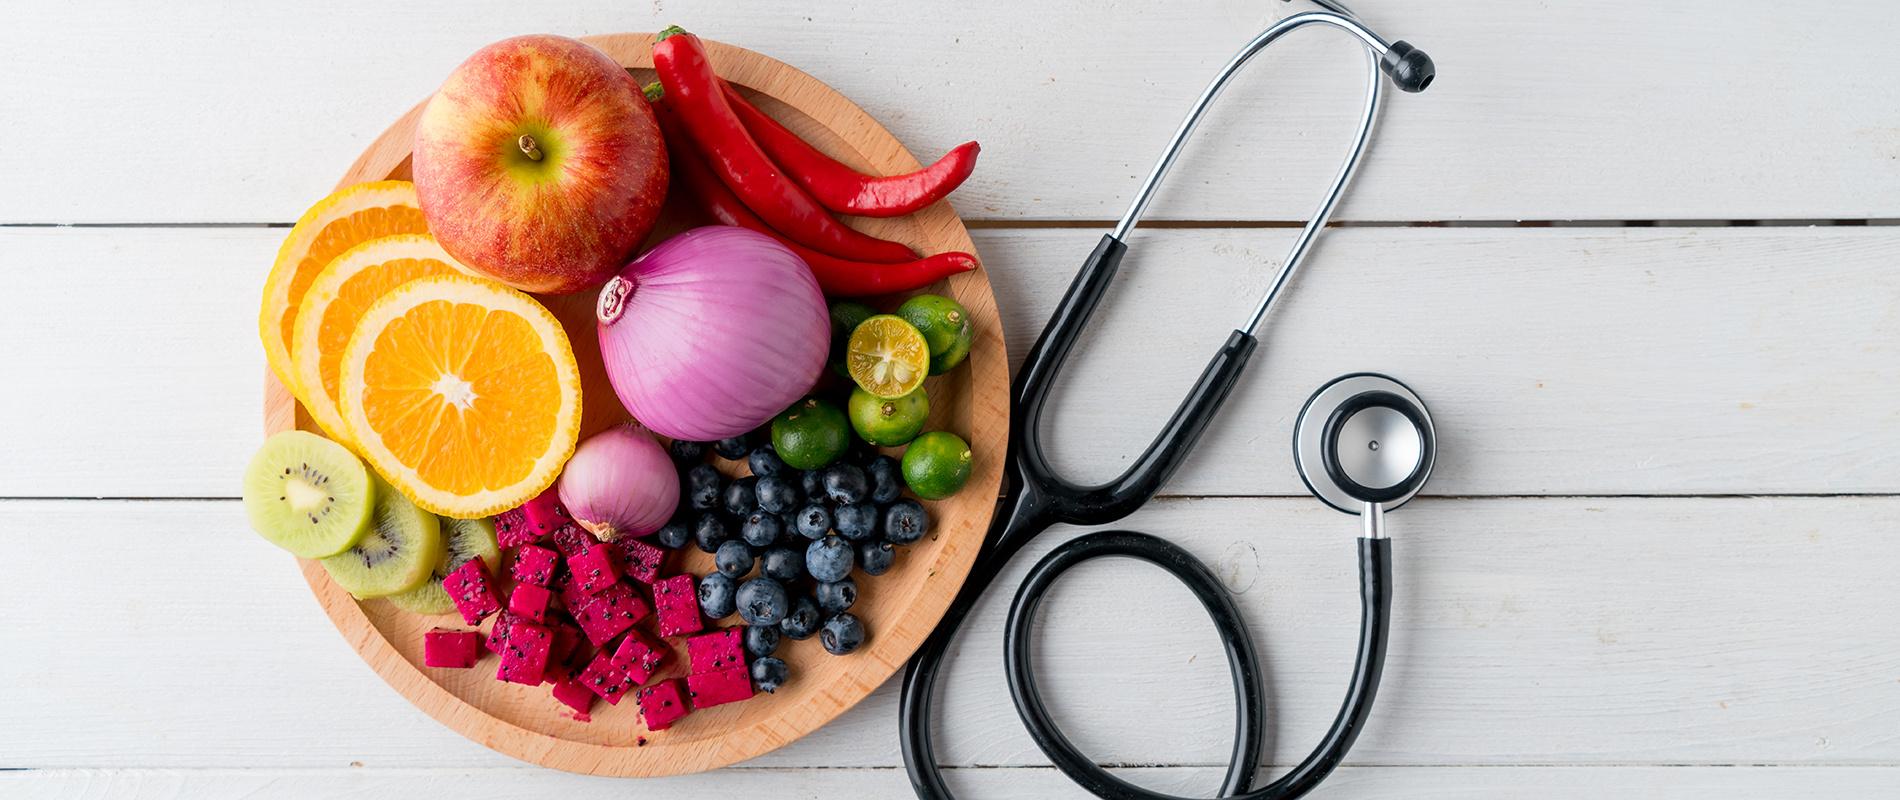 magas vérnyomás hadköteles infók magas vérnyomás és vér a székletben